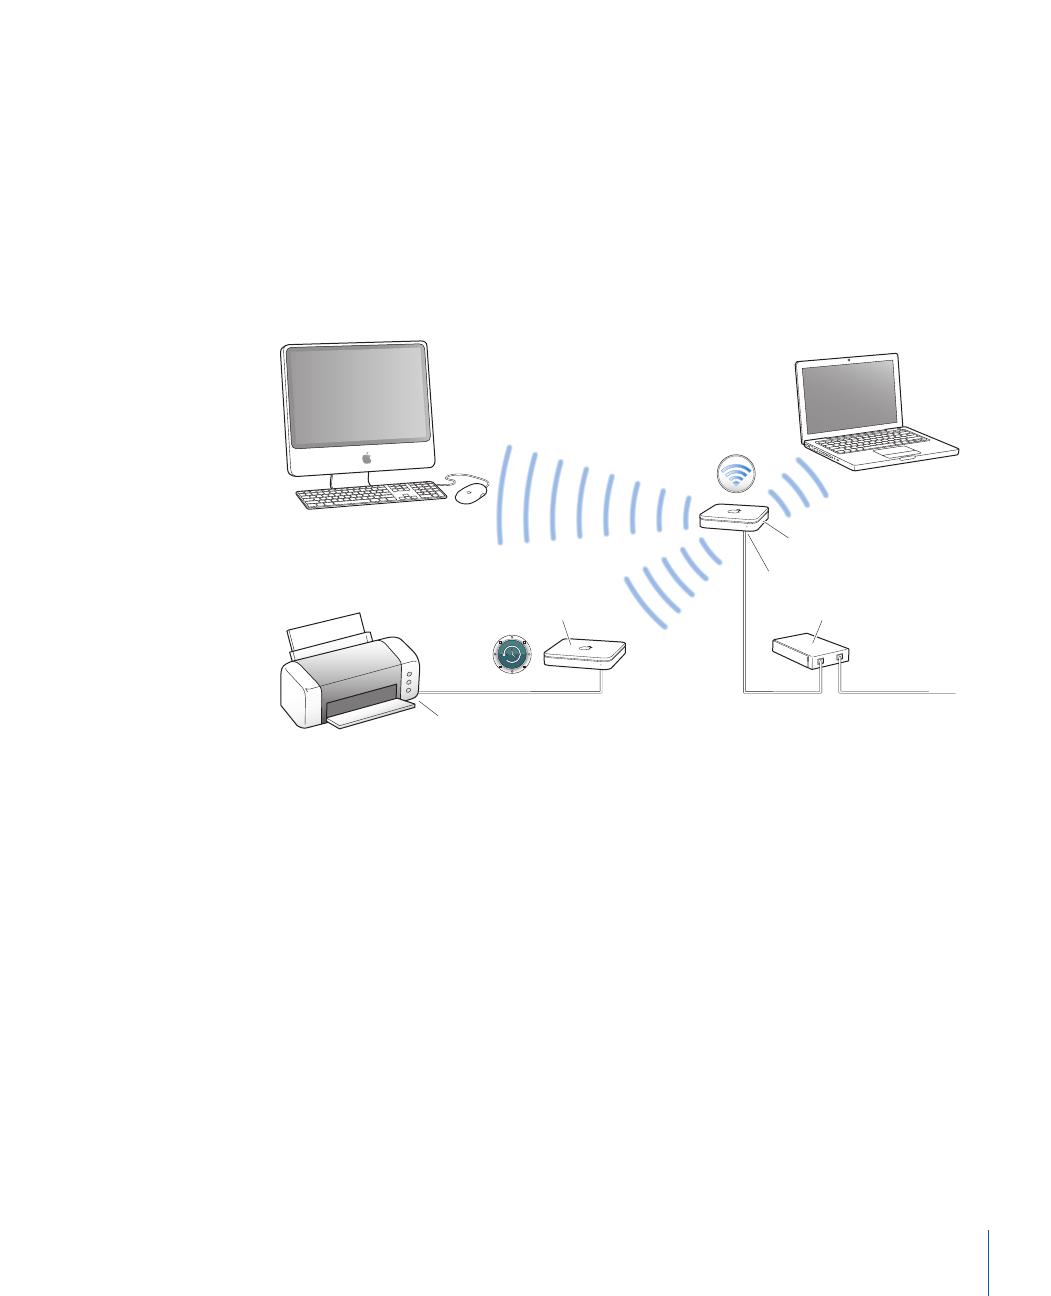 Apple AirPort 유틸리티를 사용하여 네트워크 구성하기 User Manual Air Port